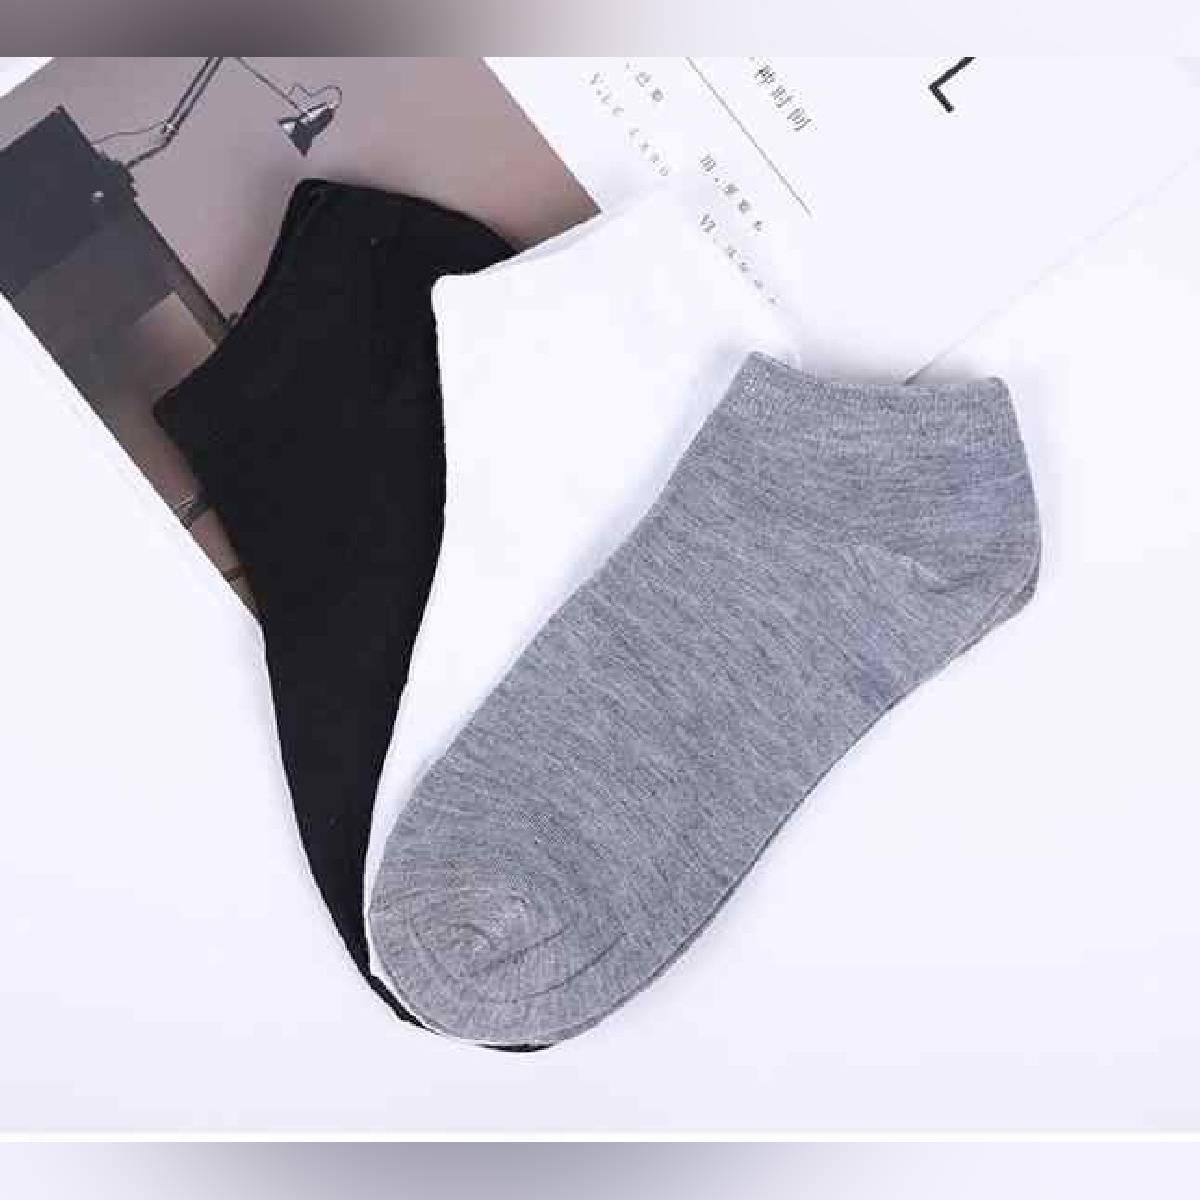 Pack of 3 pair - Unisex Low Cut Ankle Socks